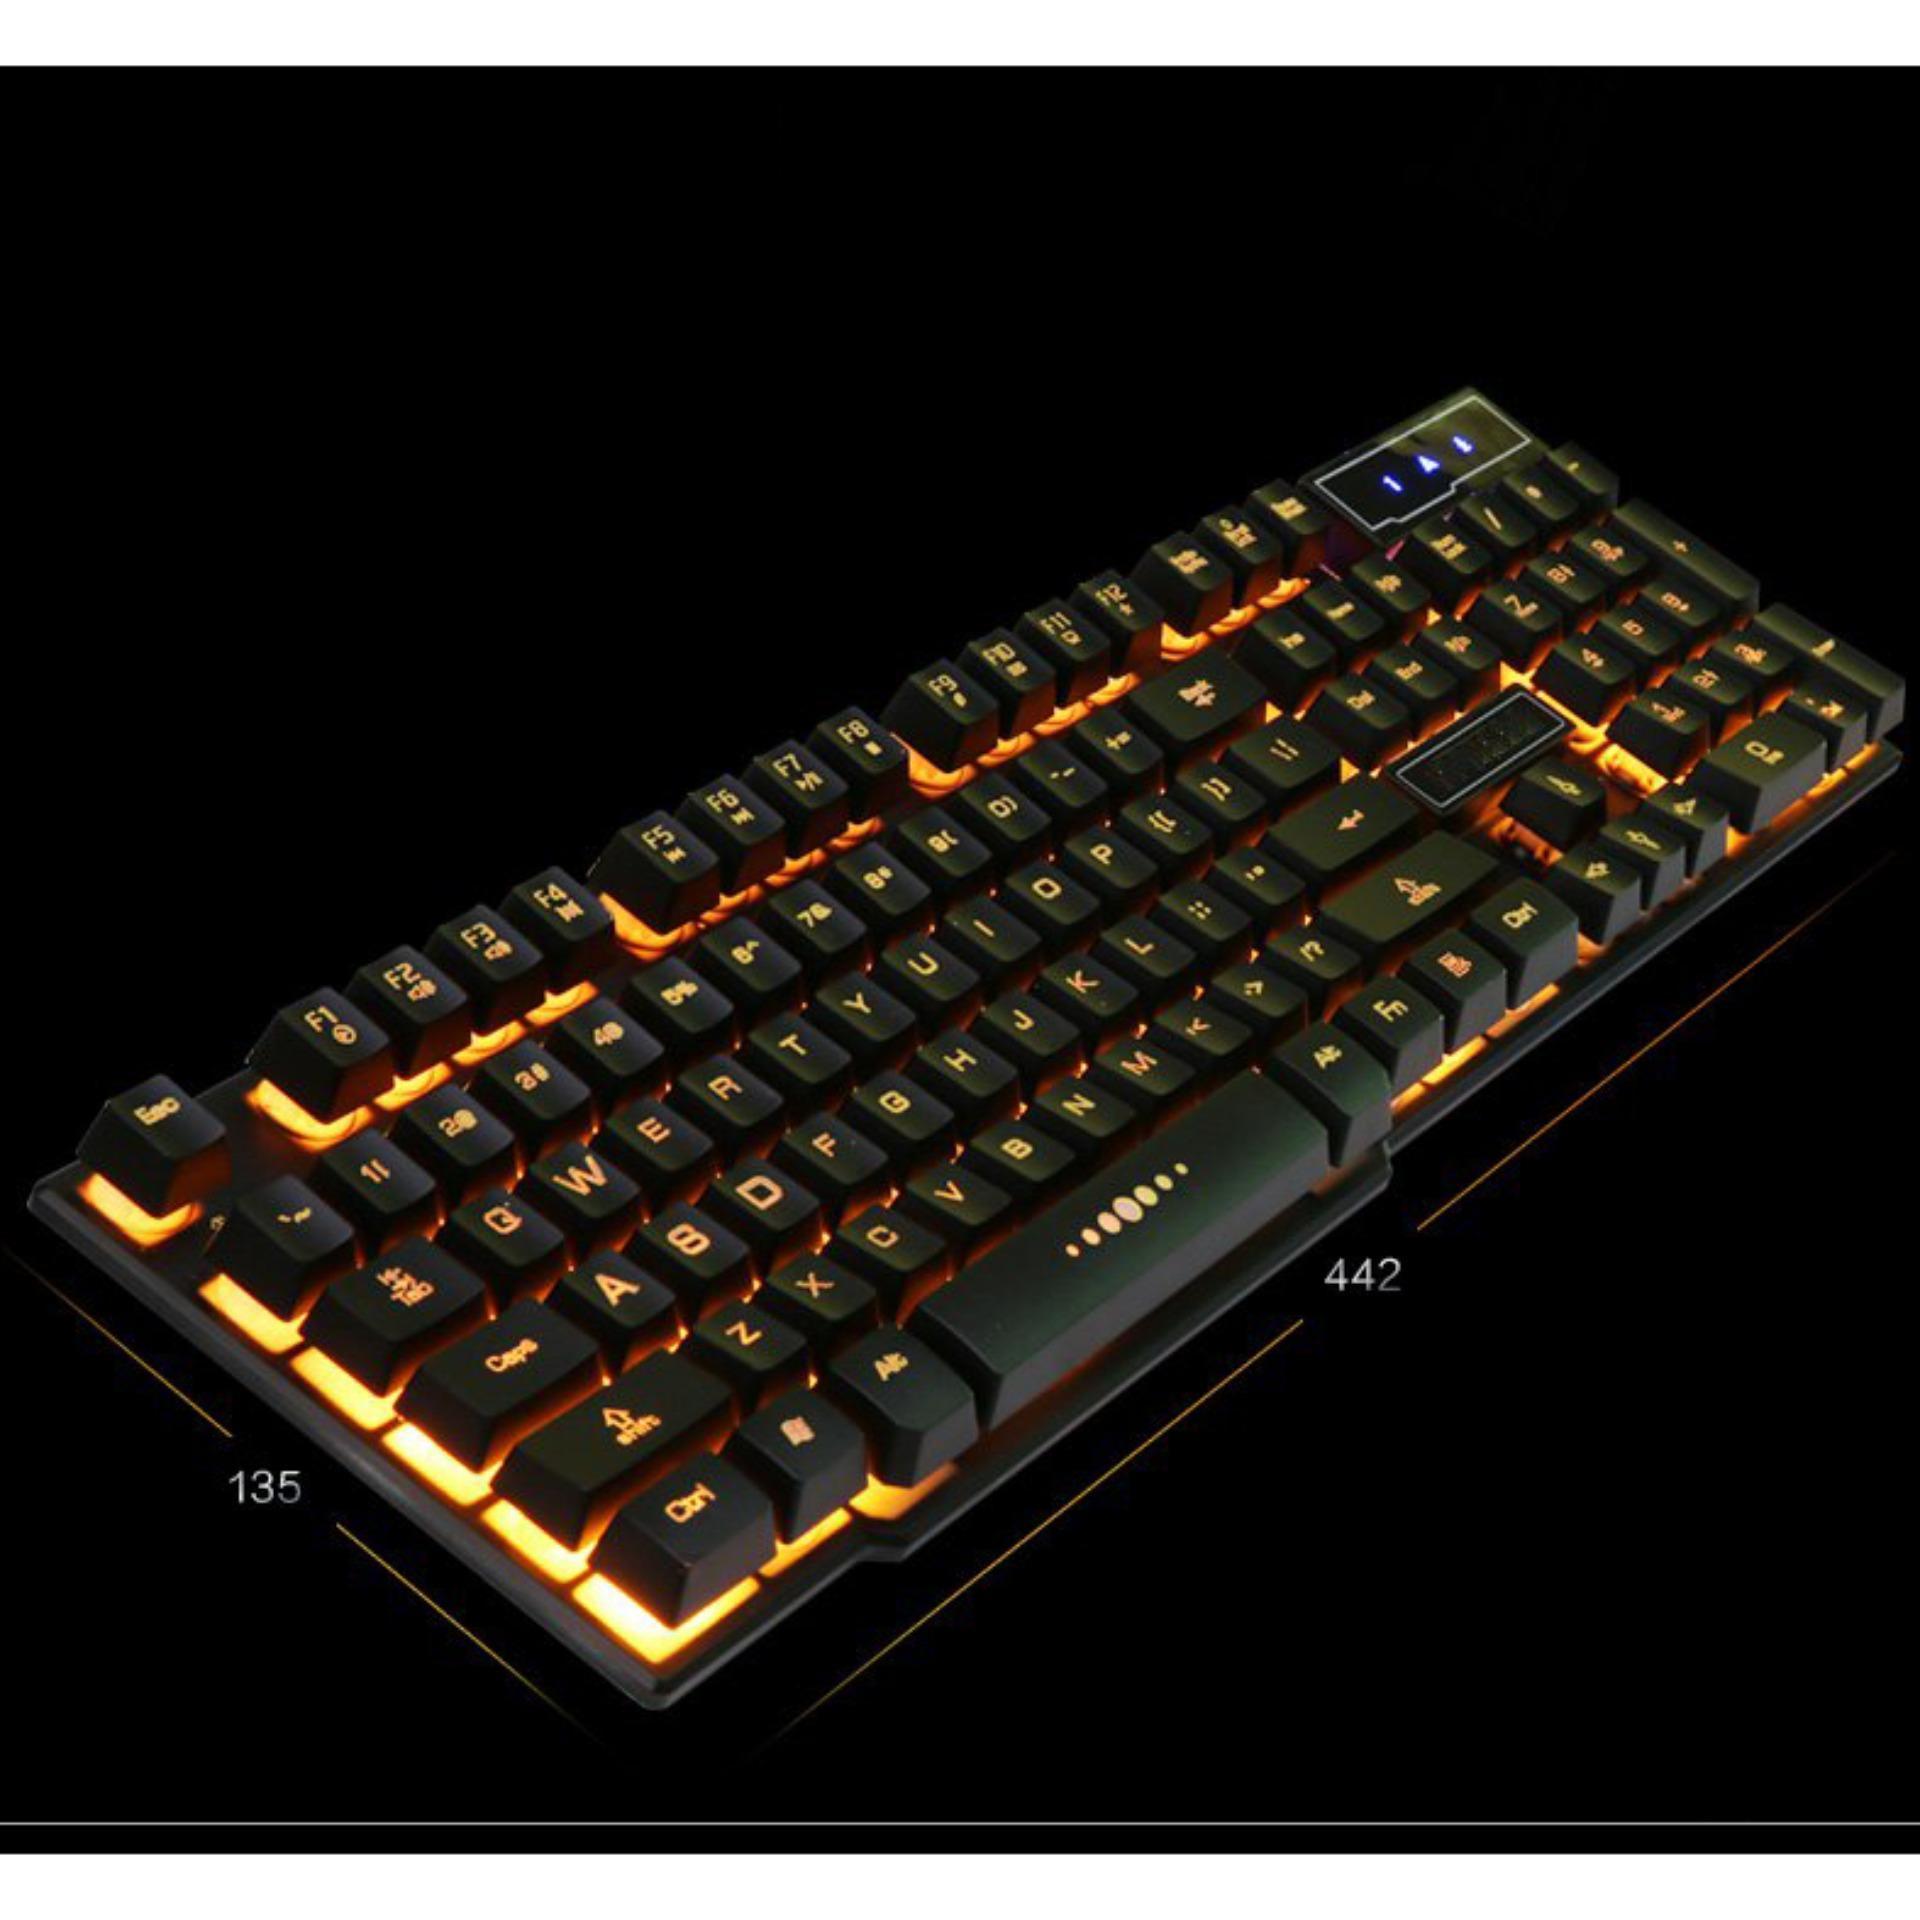 (SALE-50%) TỐT NHƯ bàn phím cơ - bàn phím K600,bàn phím cổng usb cho máy tính,lap top,máy tính bảng,top 5 bàn phím có độ nhạy cao,đẹp và chất lượng hiện nay .